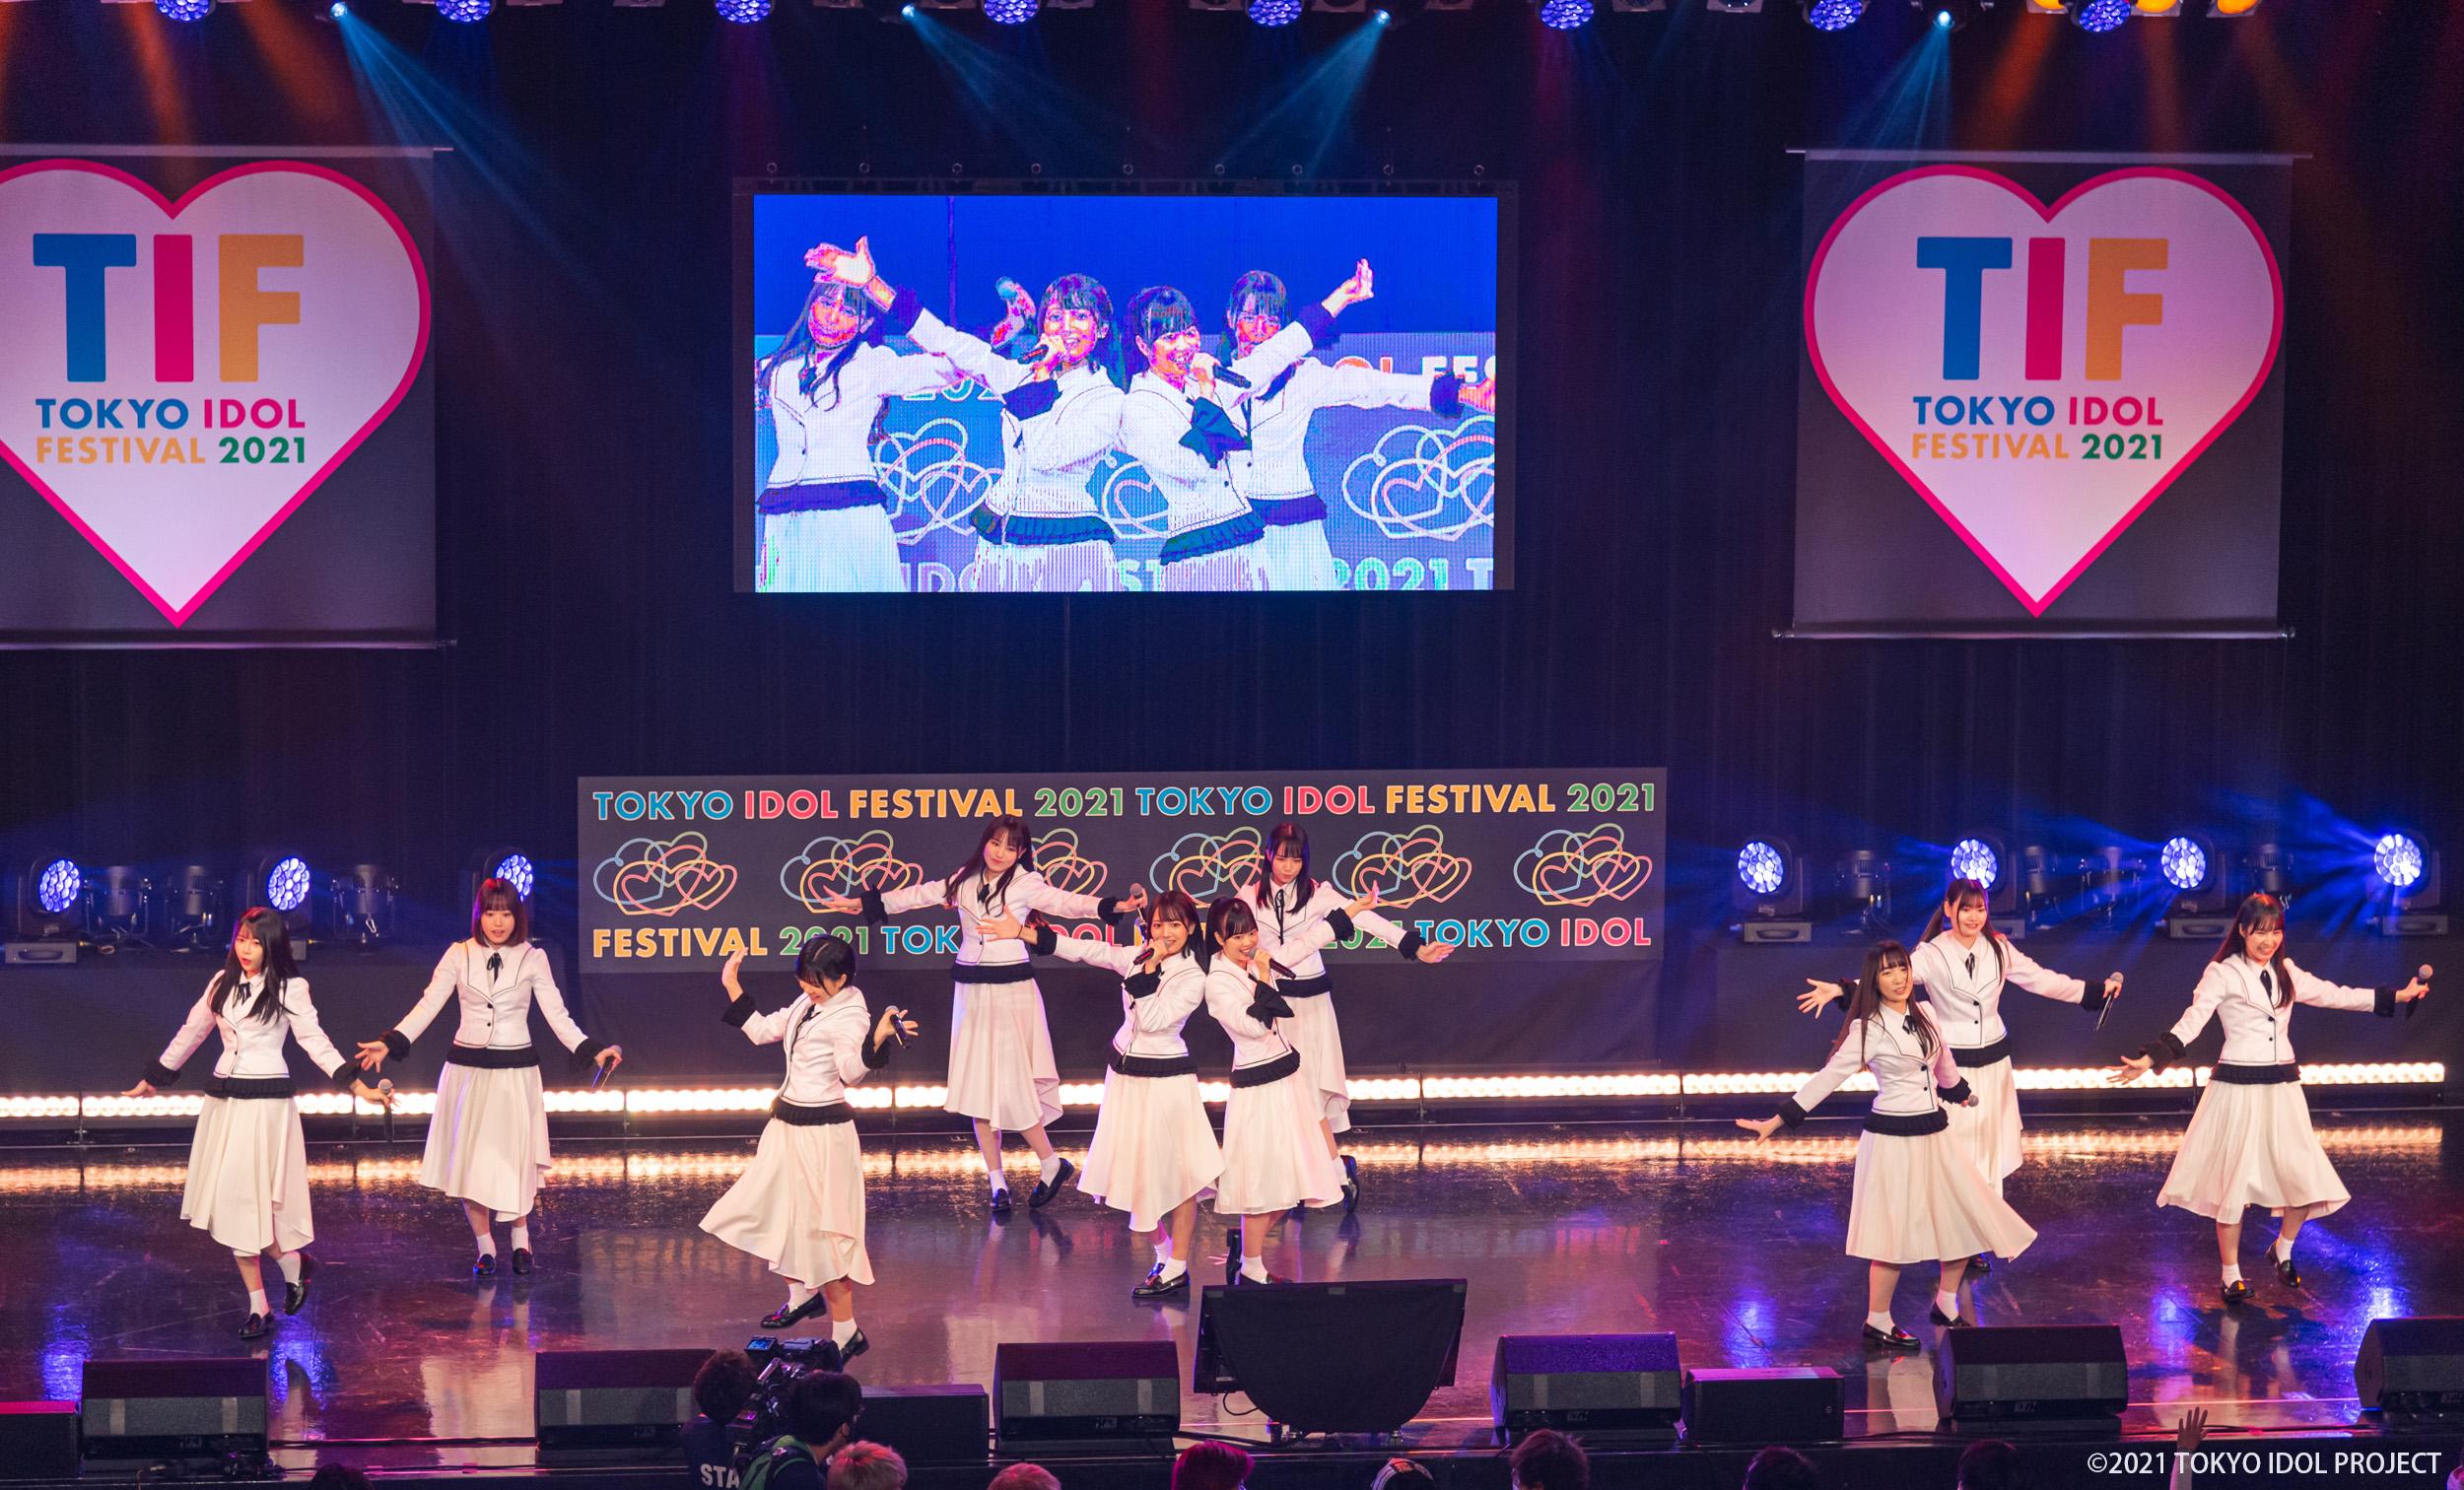 新アイドル「可憐なアイボリー」、TOKYO IDOL FESTIVAL 2021グランドフィナーレでデビュー!